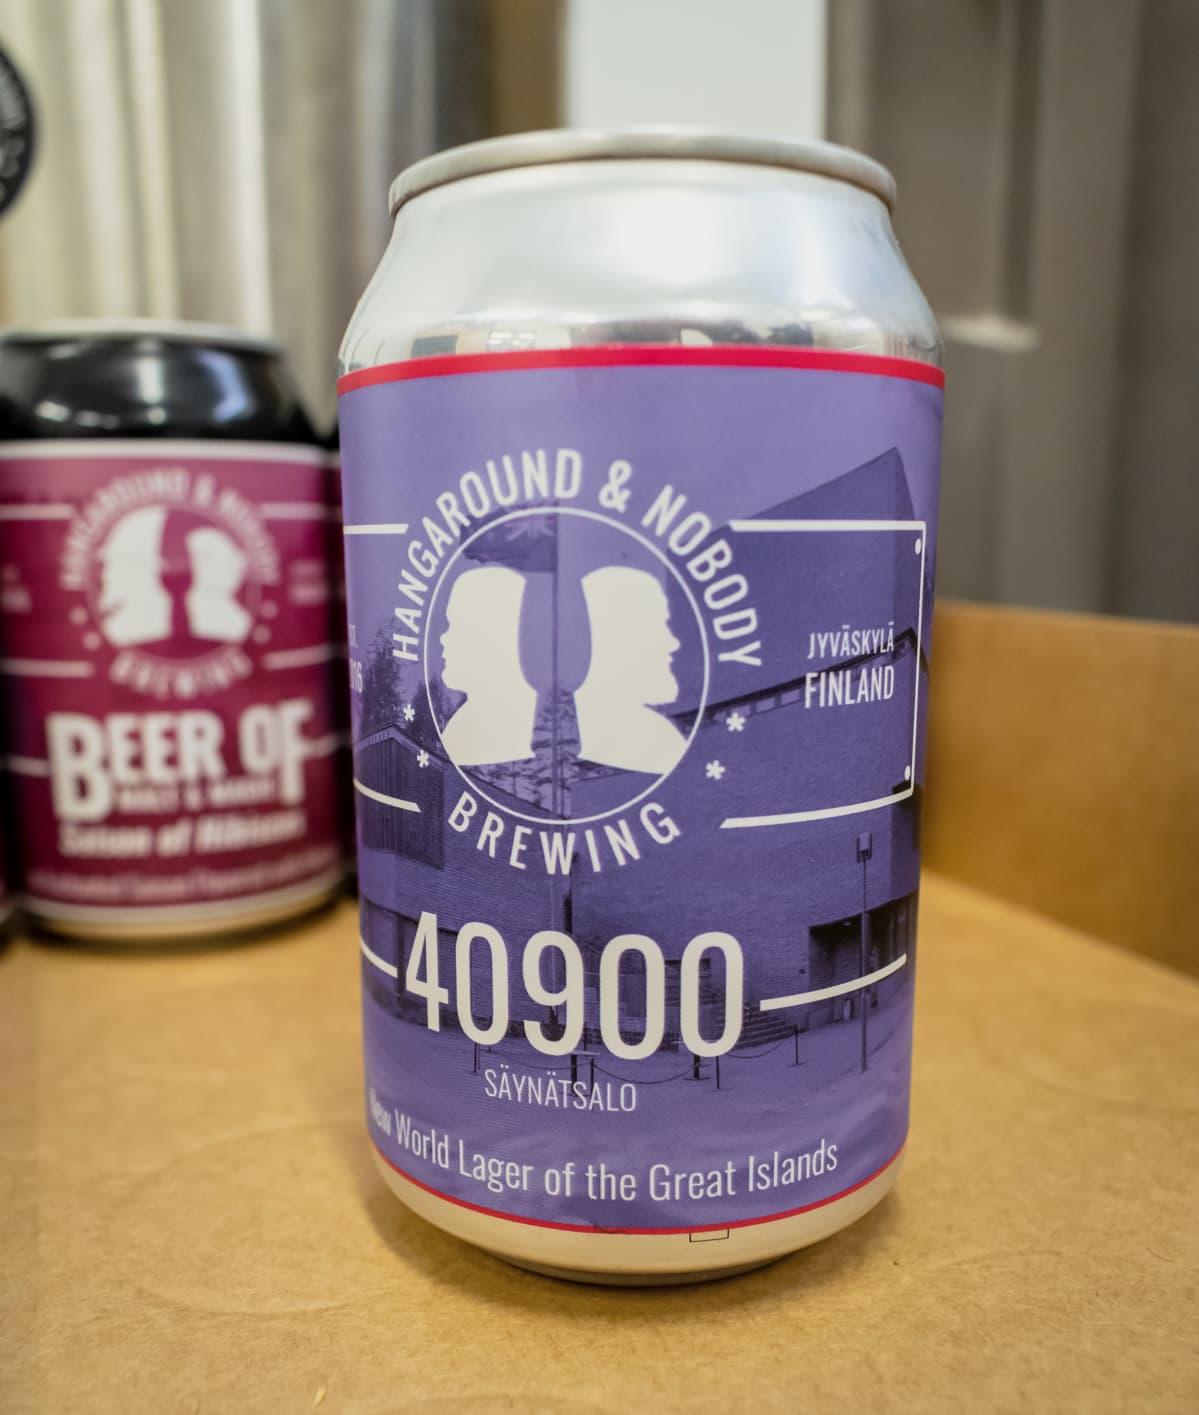 40900 Säynätsalo -oluttölkki.